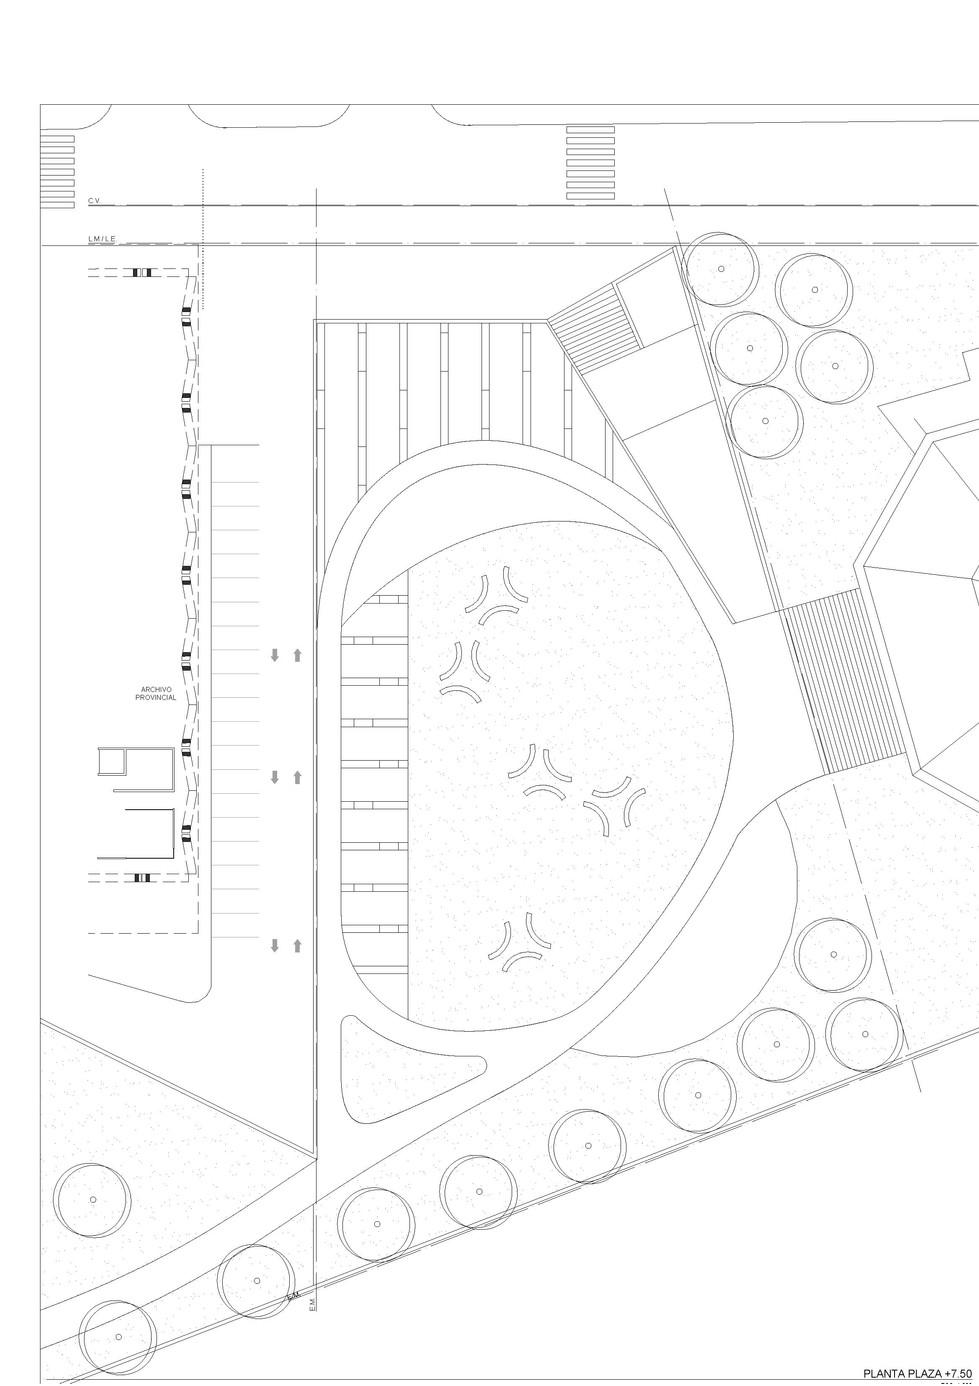 planos_um_av_lugones_pgina_3jpg